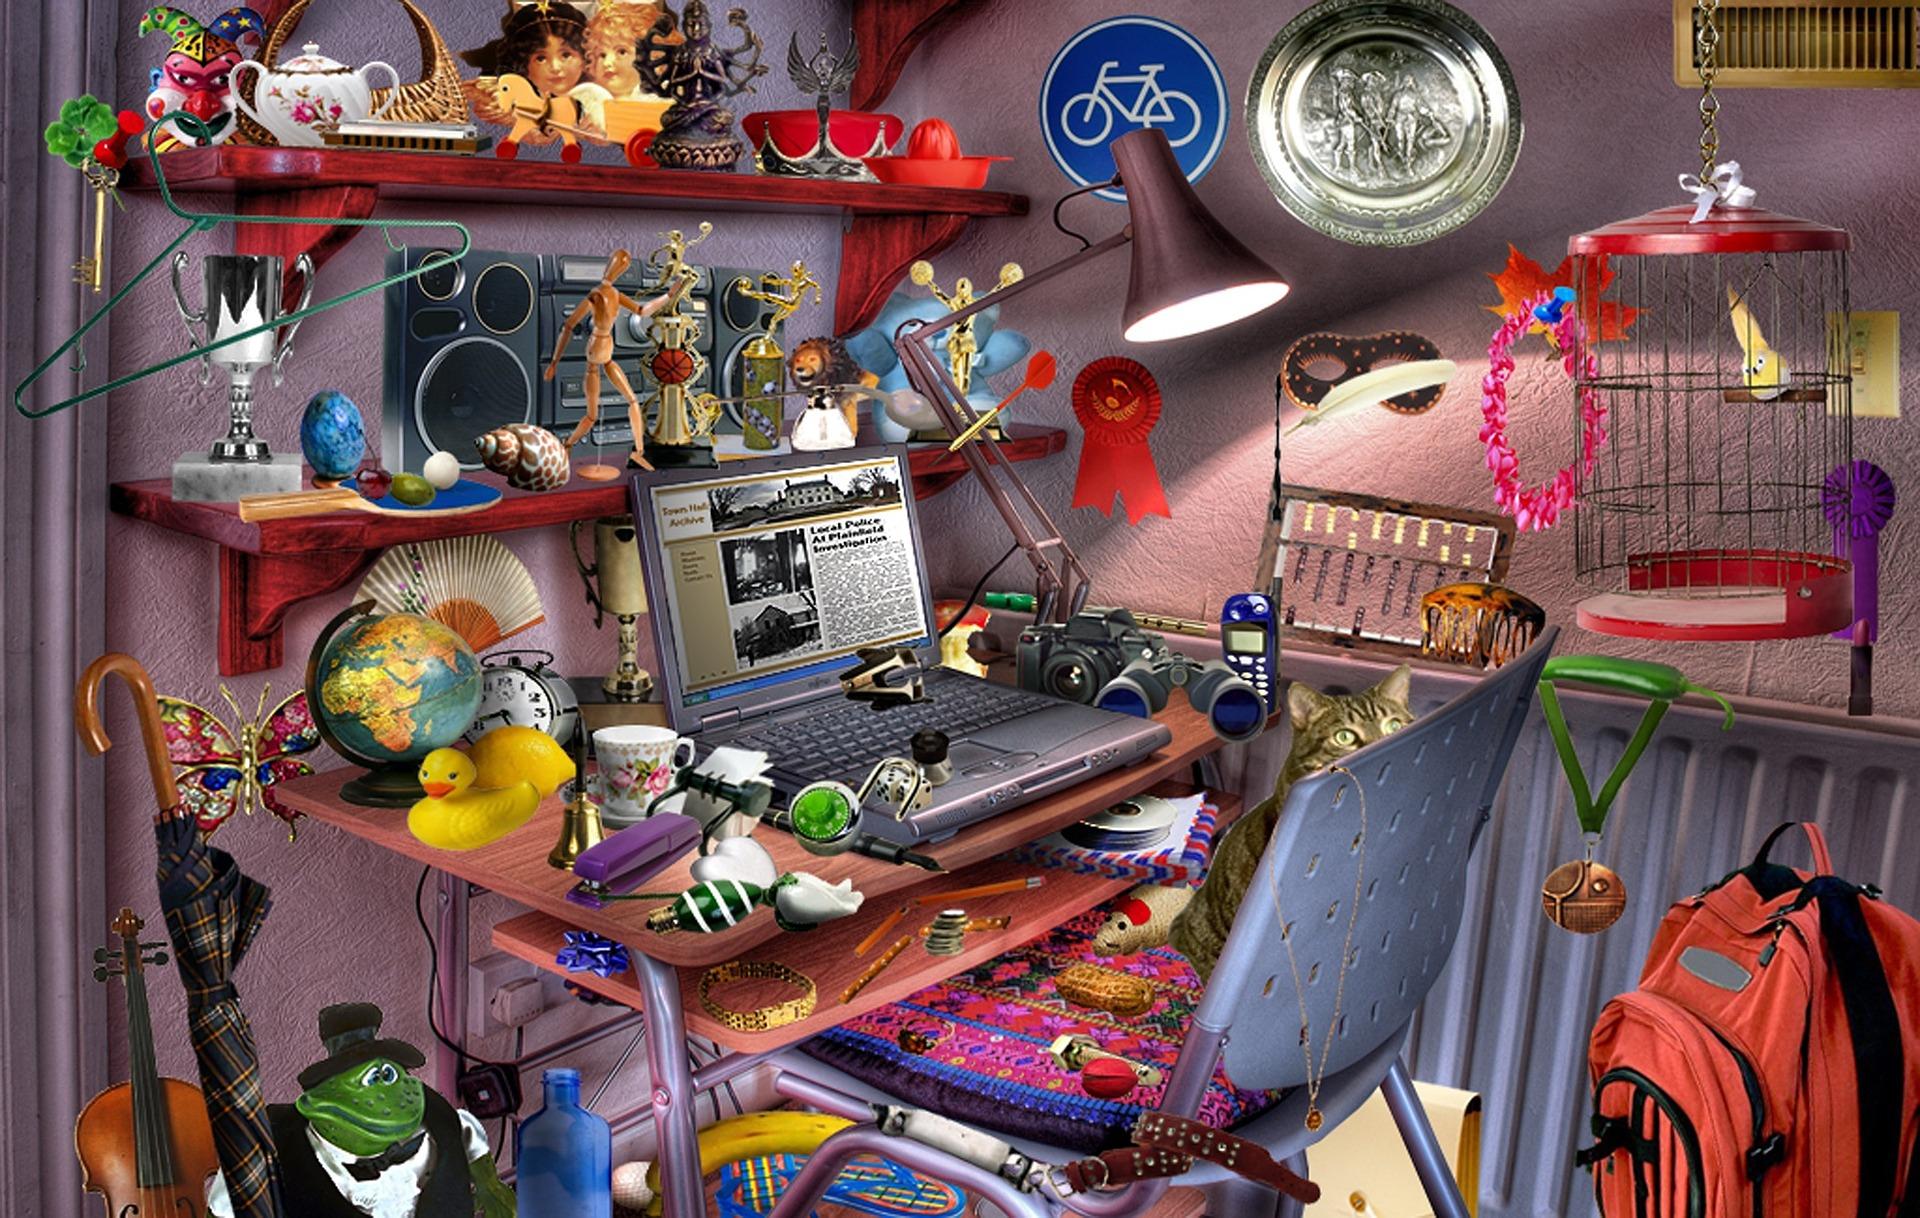 Piirrosmainen kuva huoneesta, jossa paljon nuoren tavaroita, läppäri auki pöydällä.